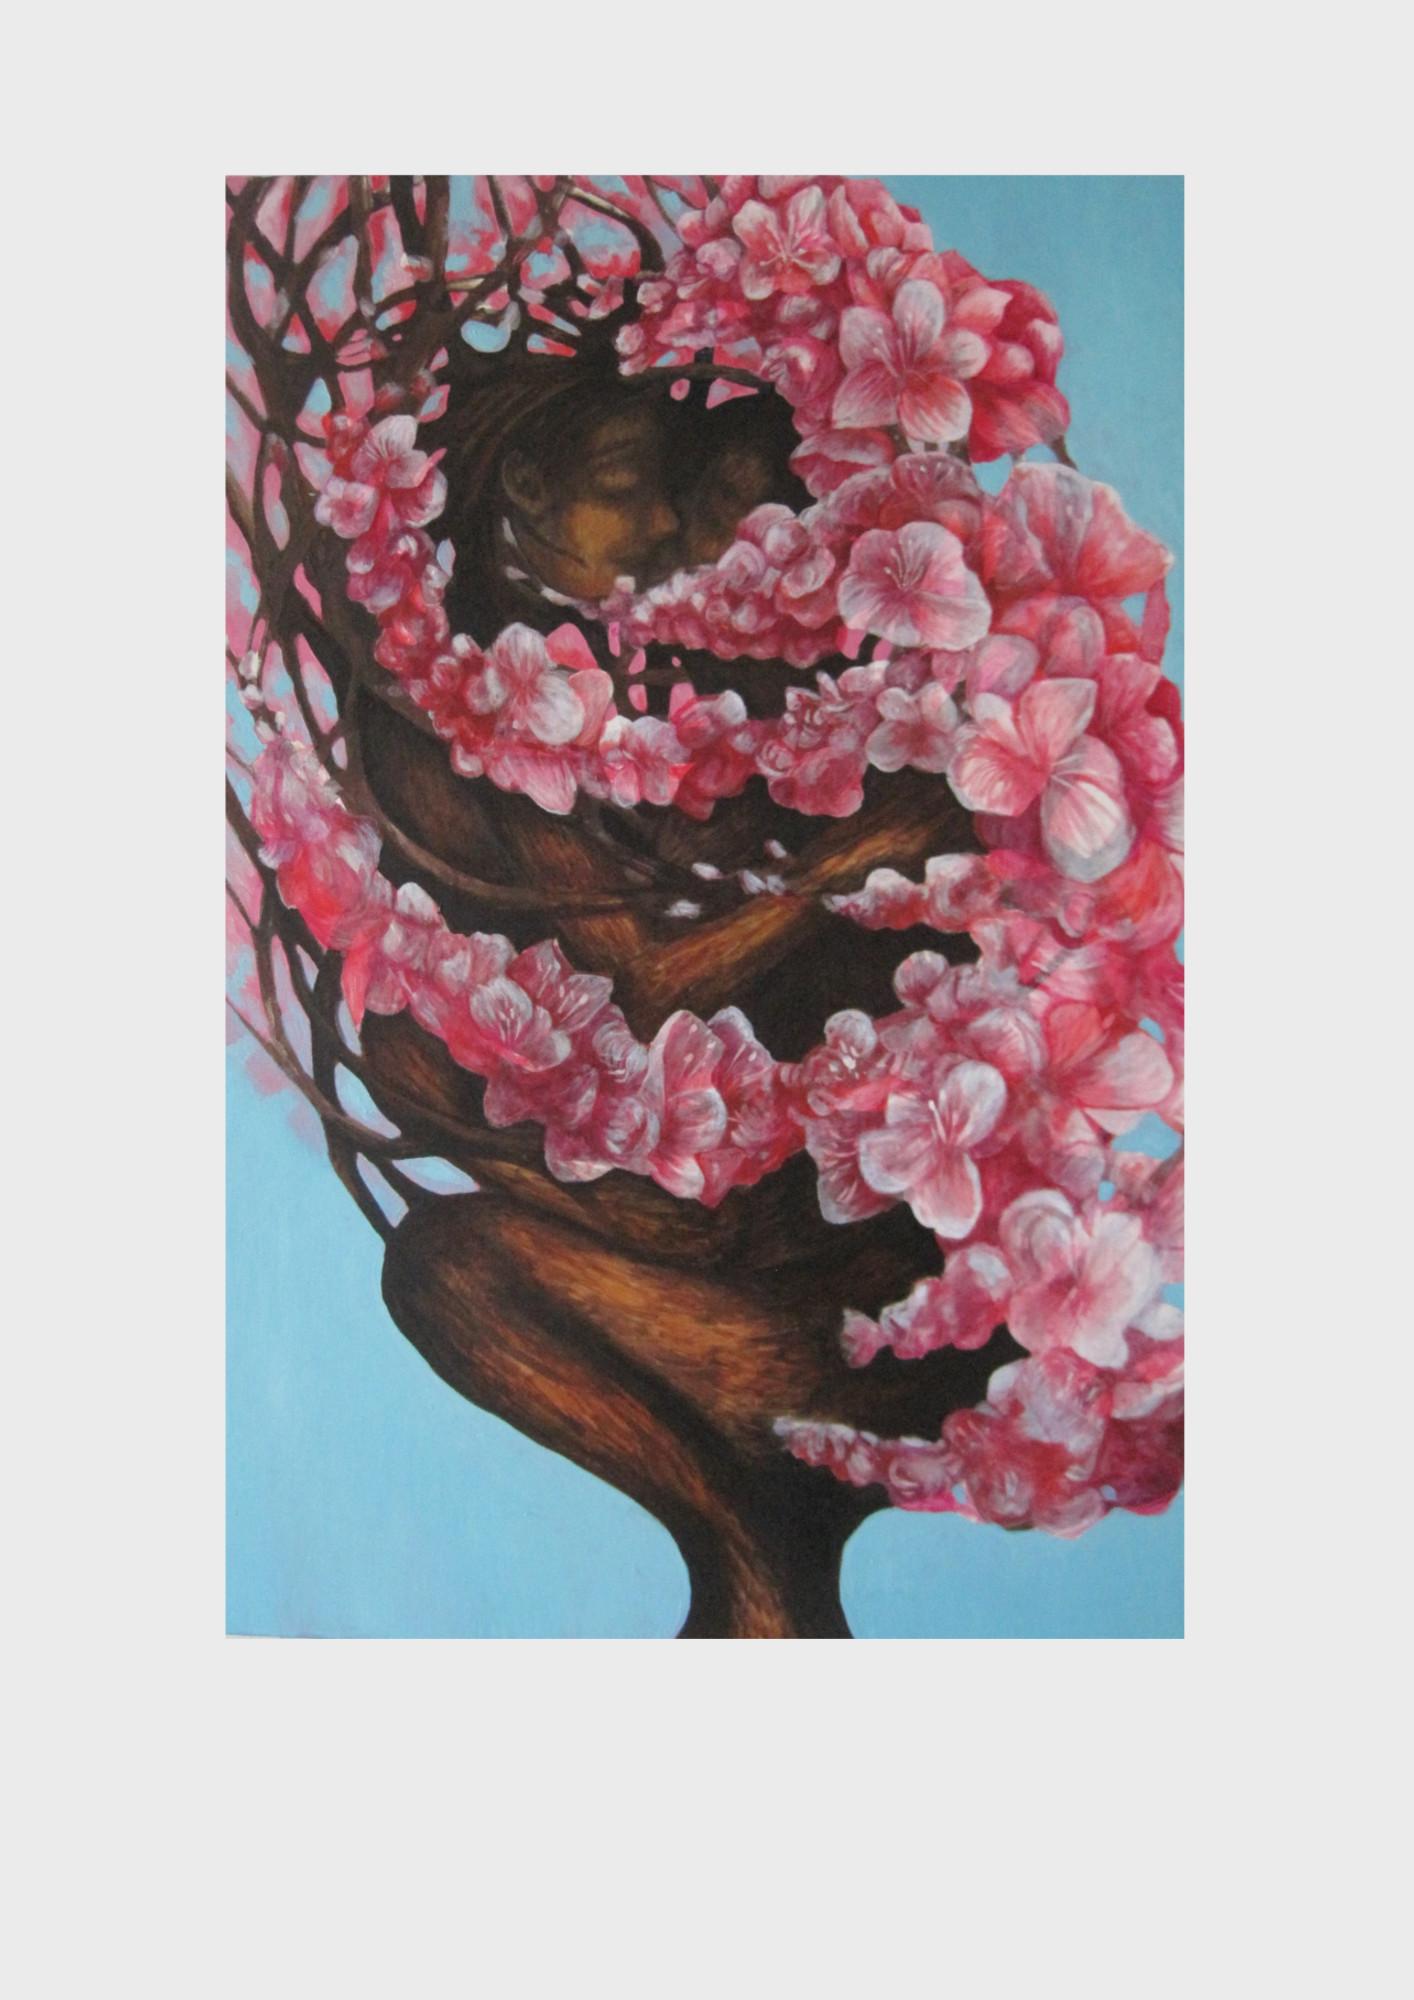 Liebende. Gemälde von Dorothea Koch. Im Stamm des Baumes versteckt sich ein Paar. In Anlehnung an Philemon und Baucis von Ovid. Ein Ehepaar, das sich so sehr liebte , dass sie die Götter baten als Baum zusammenwachsen zu dürfen-um so für immer untrennbar zu sein.